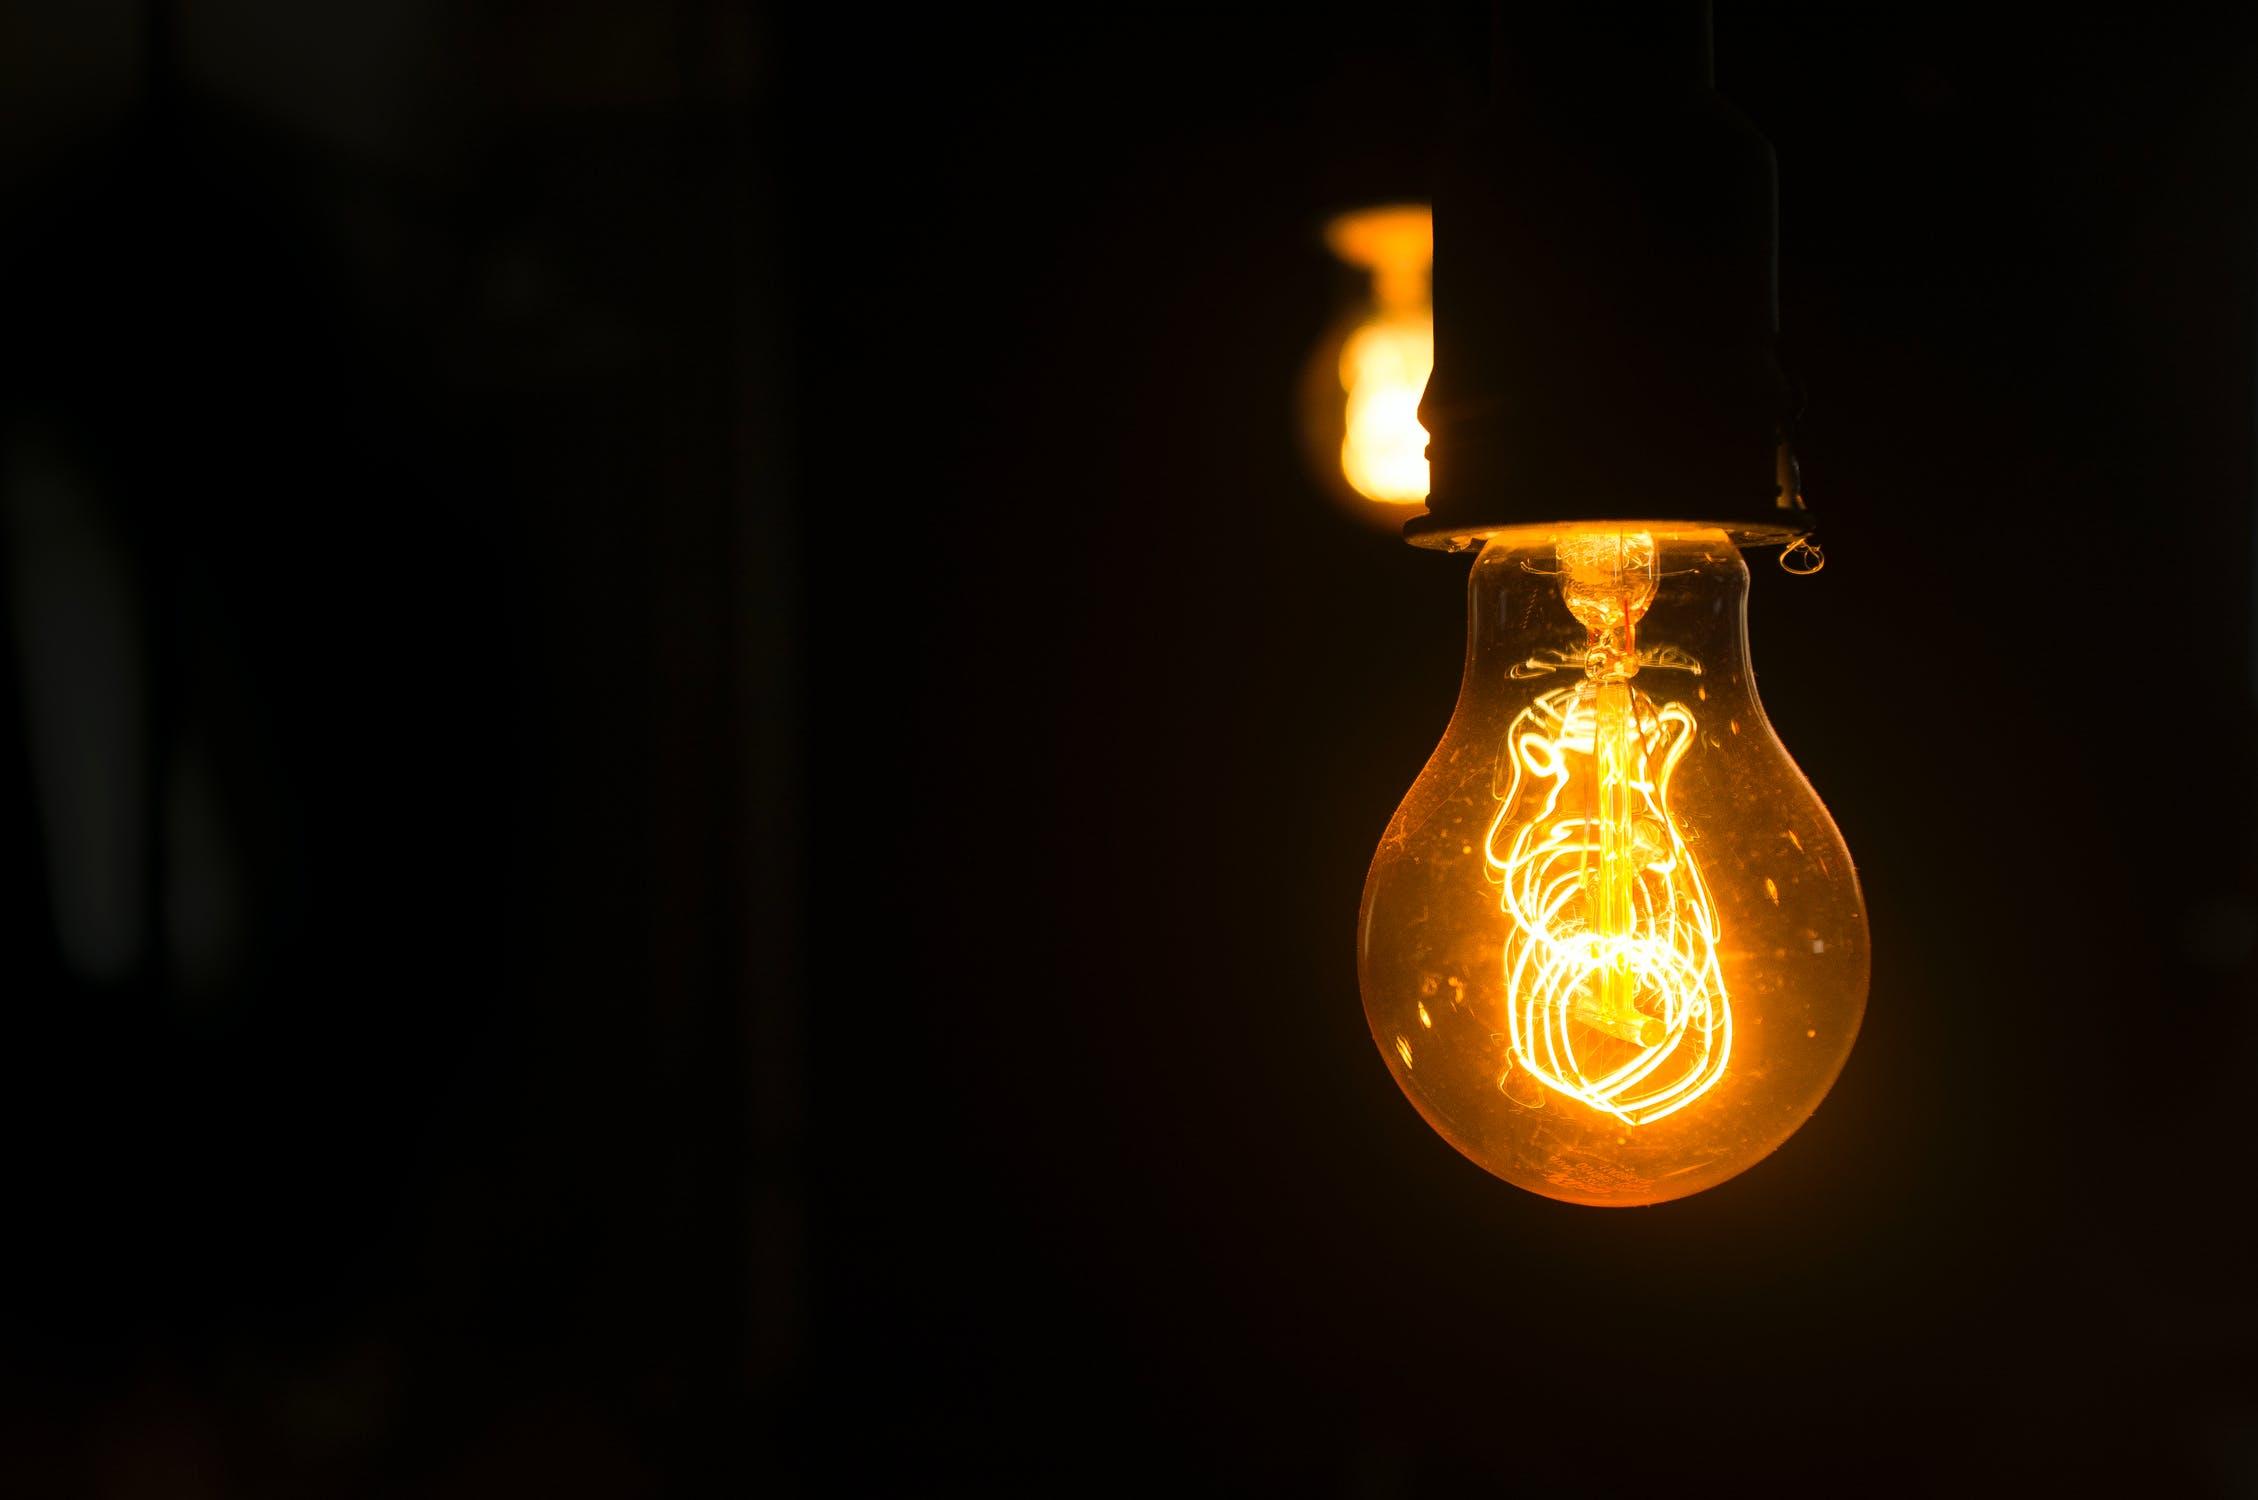 Czy Europa powinna obawiać się kryzysu energetycznego? Nowa dekada widziana z perspektywy produkcji energii